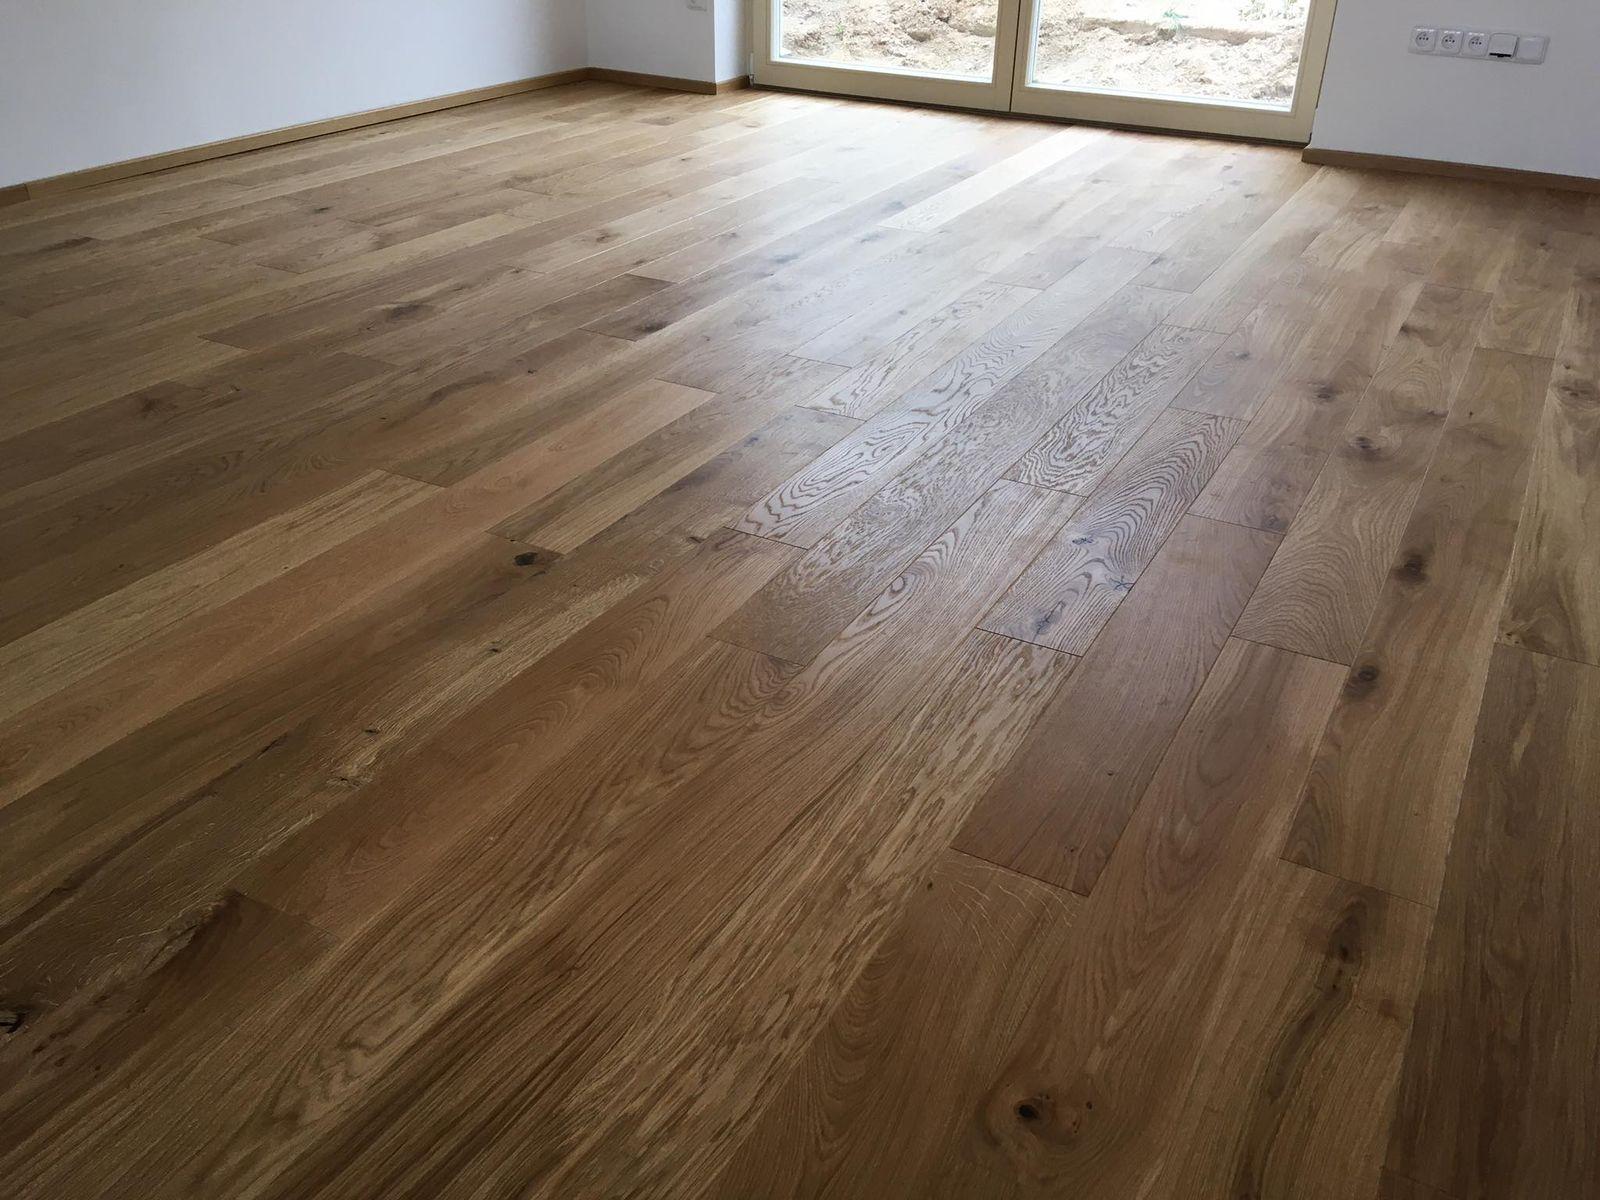 Zhotovení třívrstvé podlahy, ukázka pokládky dubové podlahy